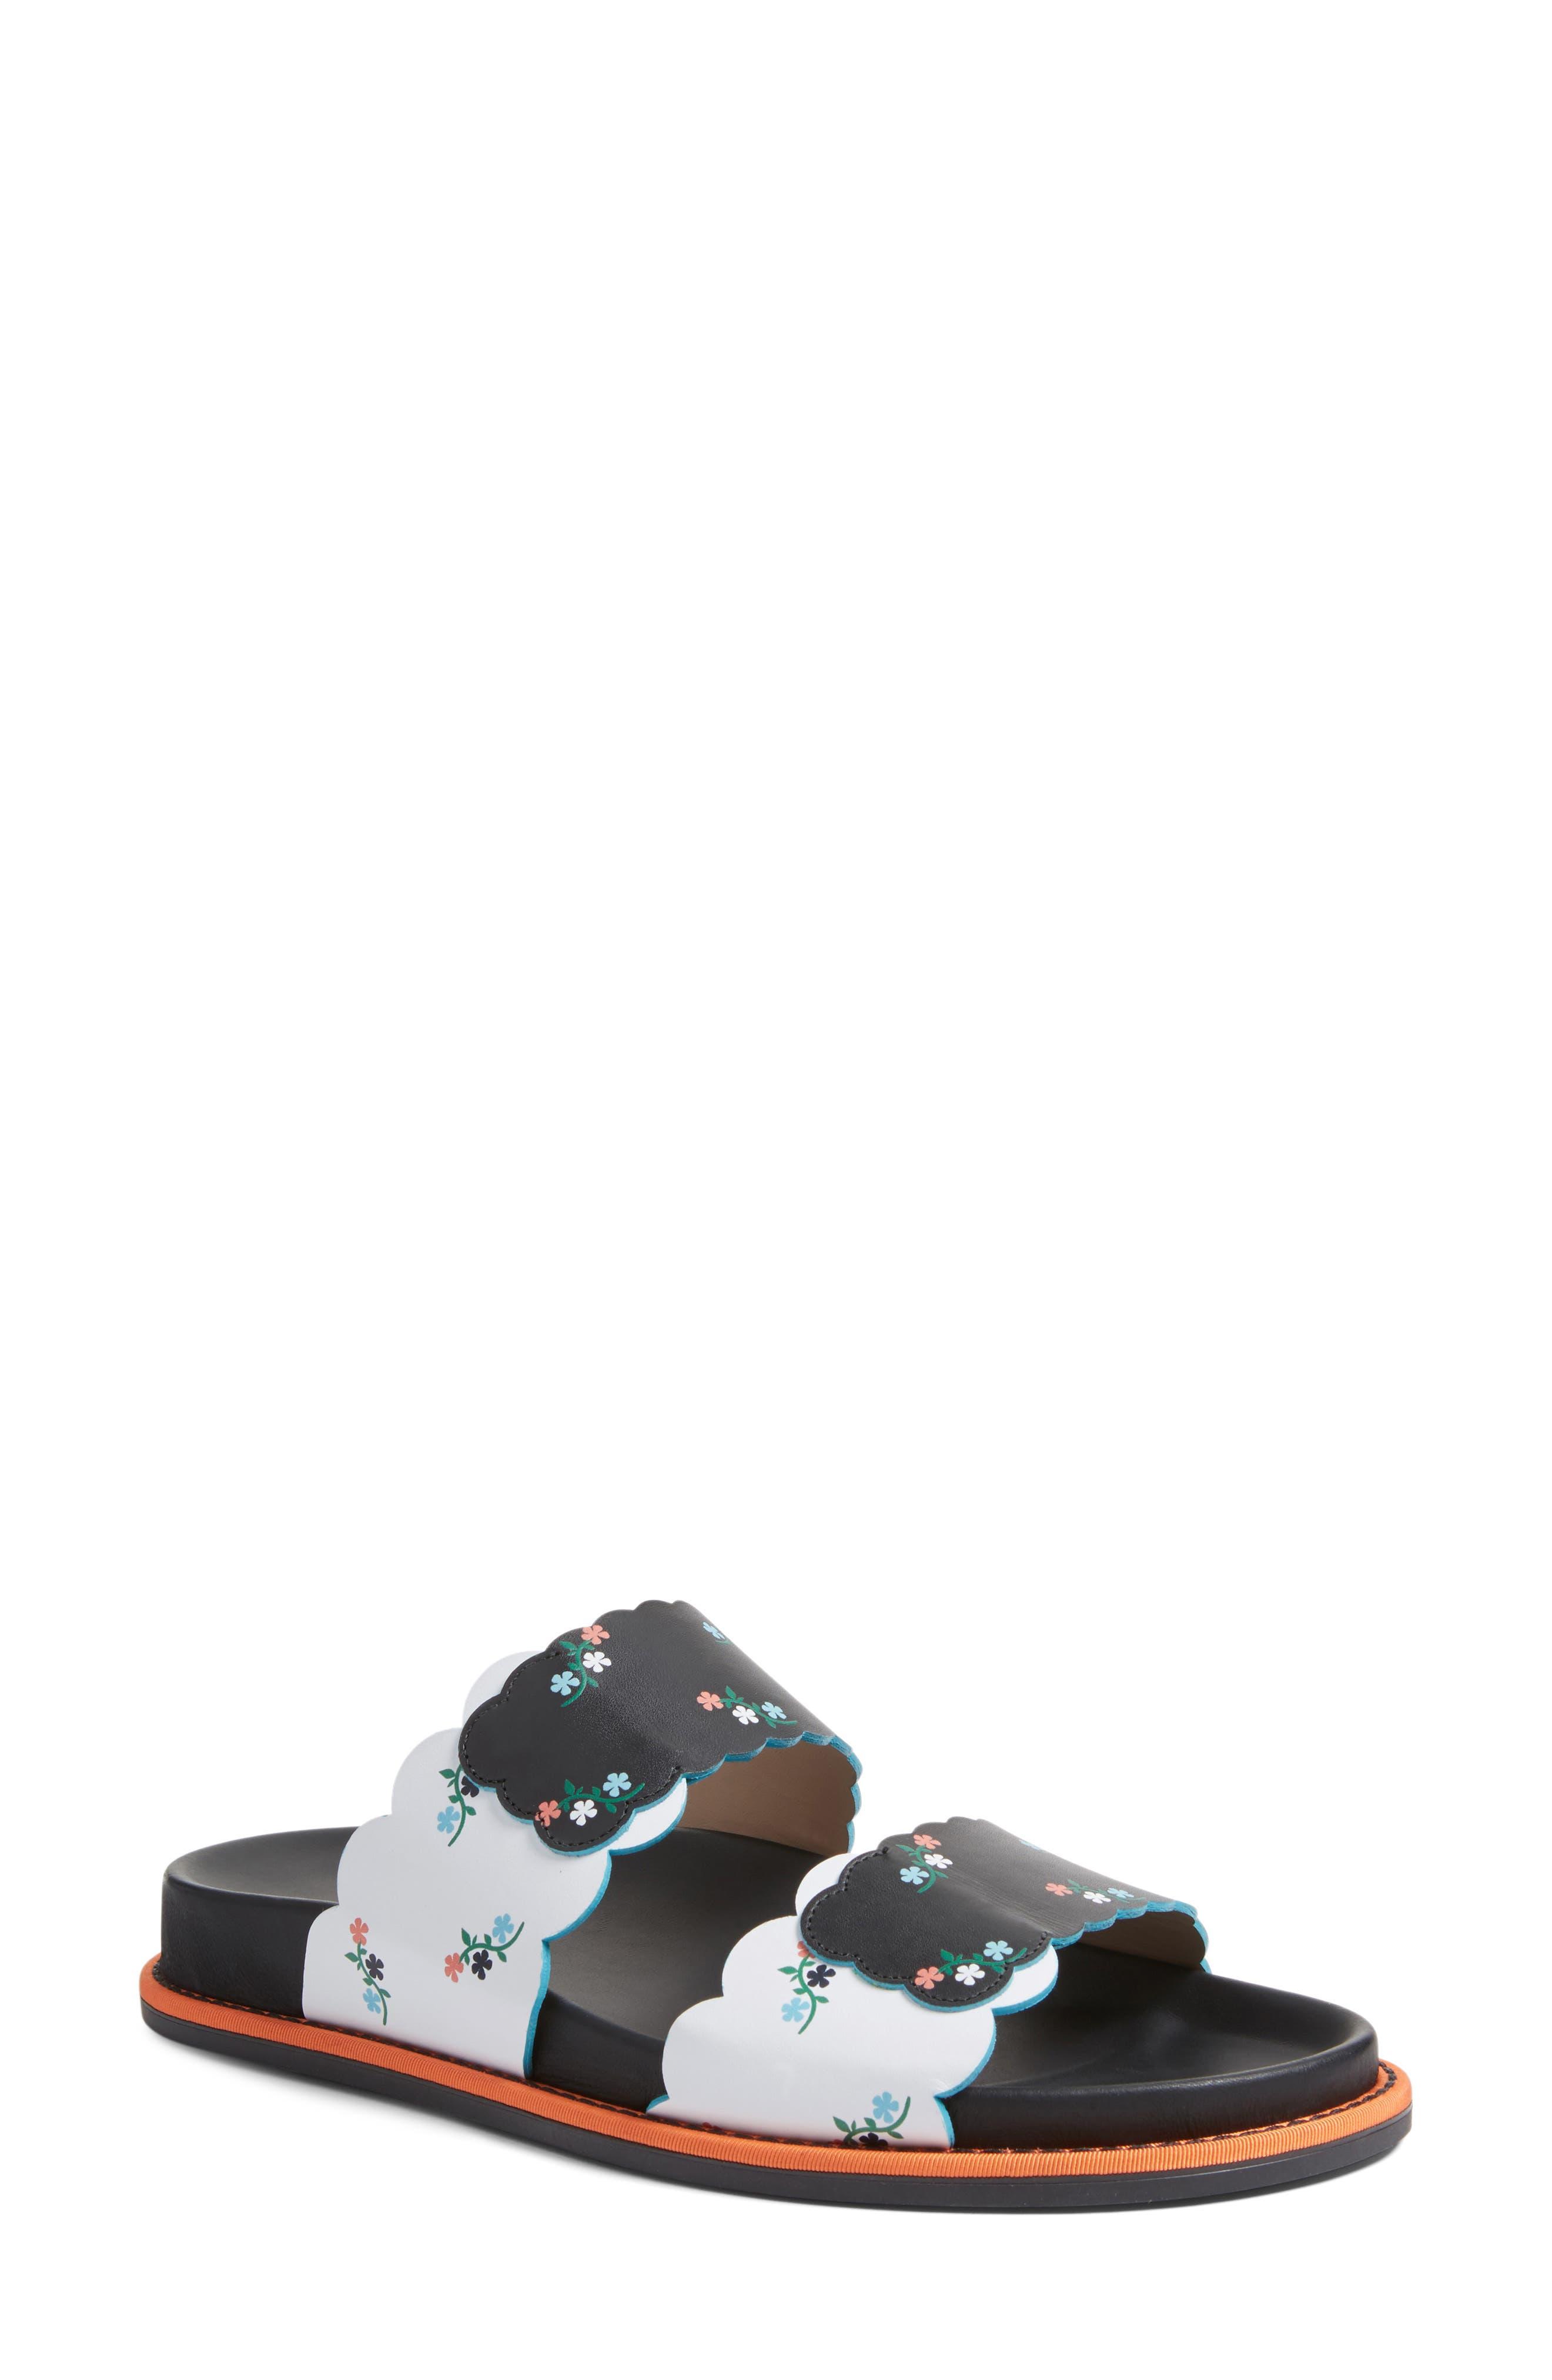 Scallop Slide Sandal,                         Main,                         color, Black Floral